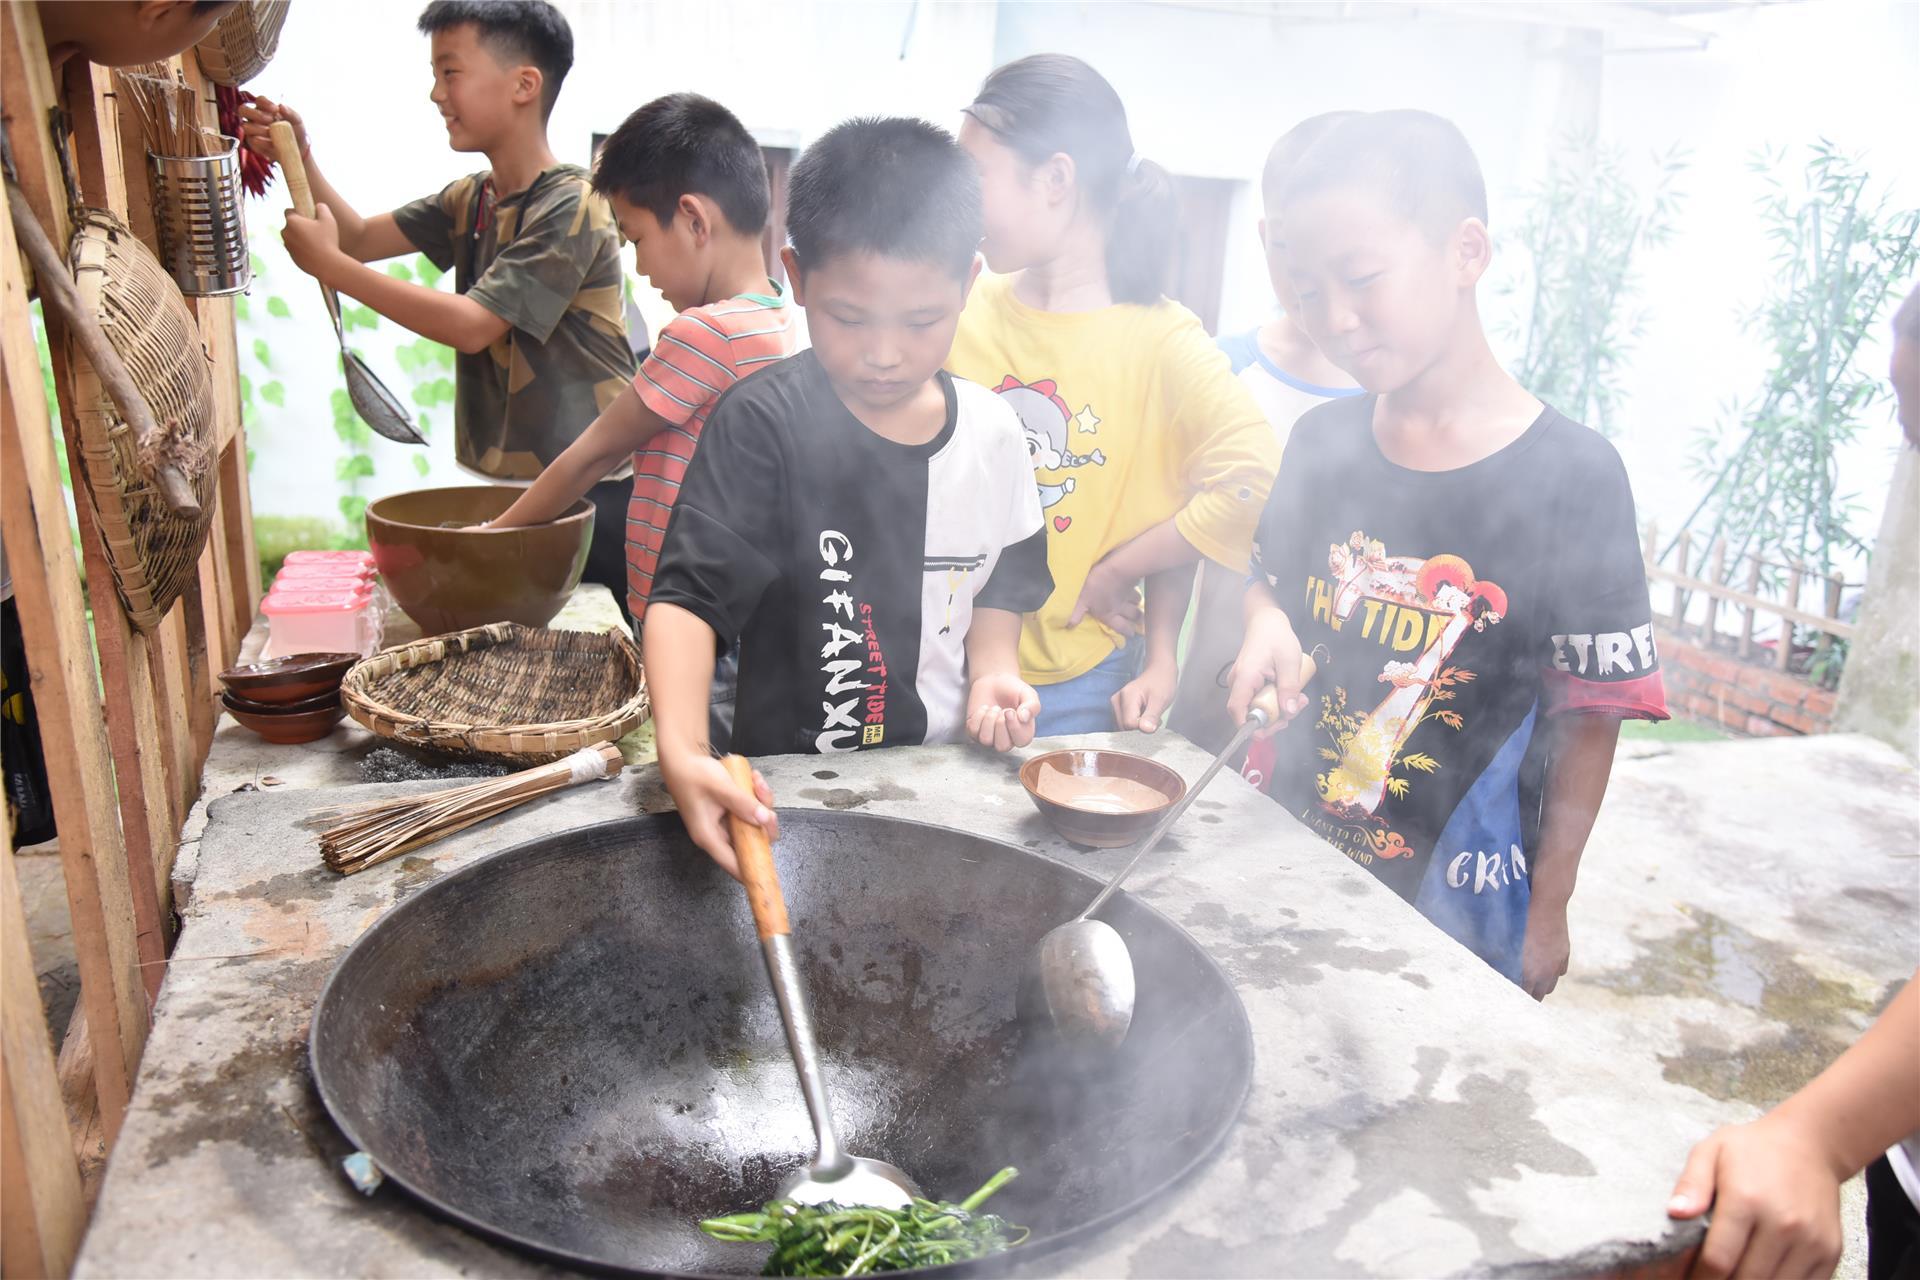 塘坝康乐小学校:拓展农耕文化